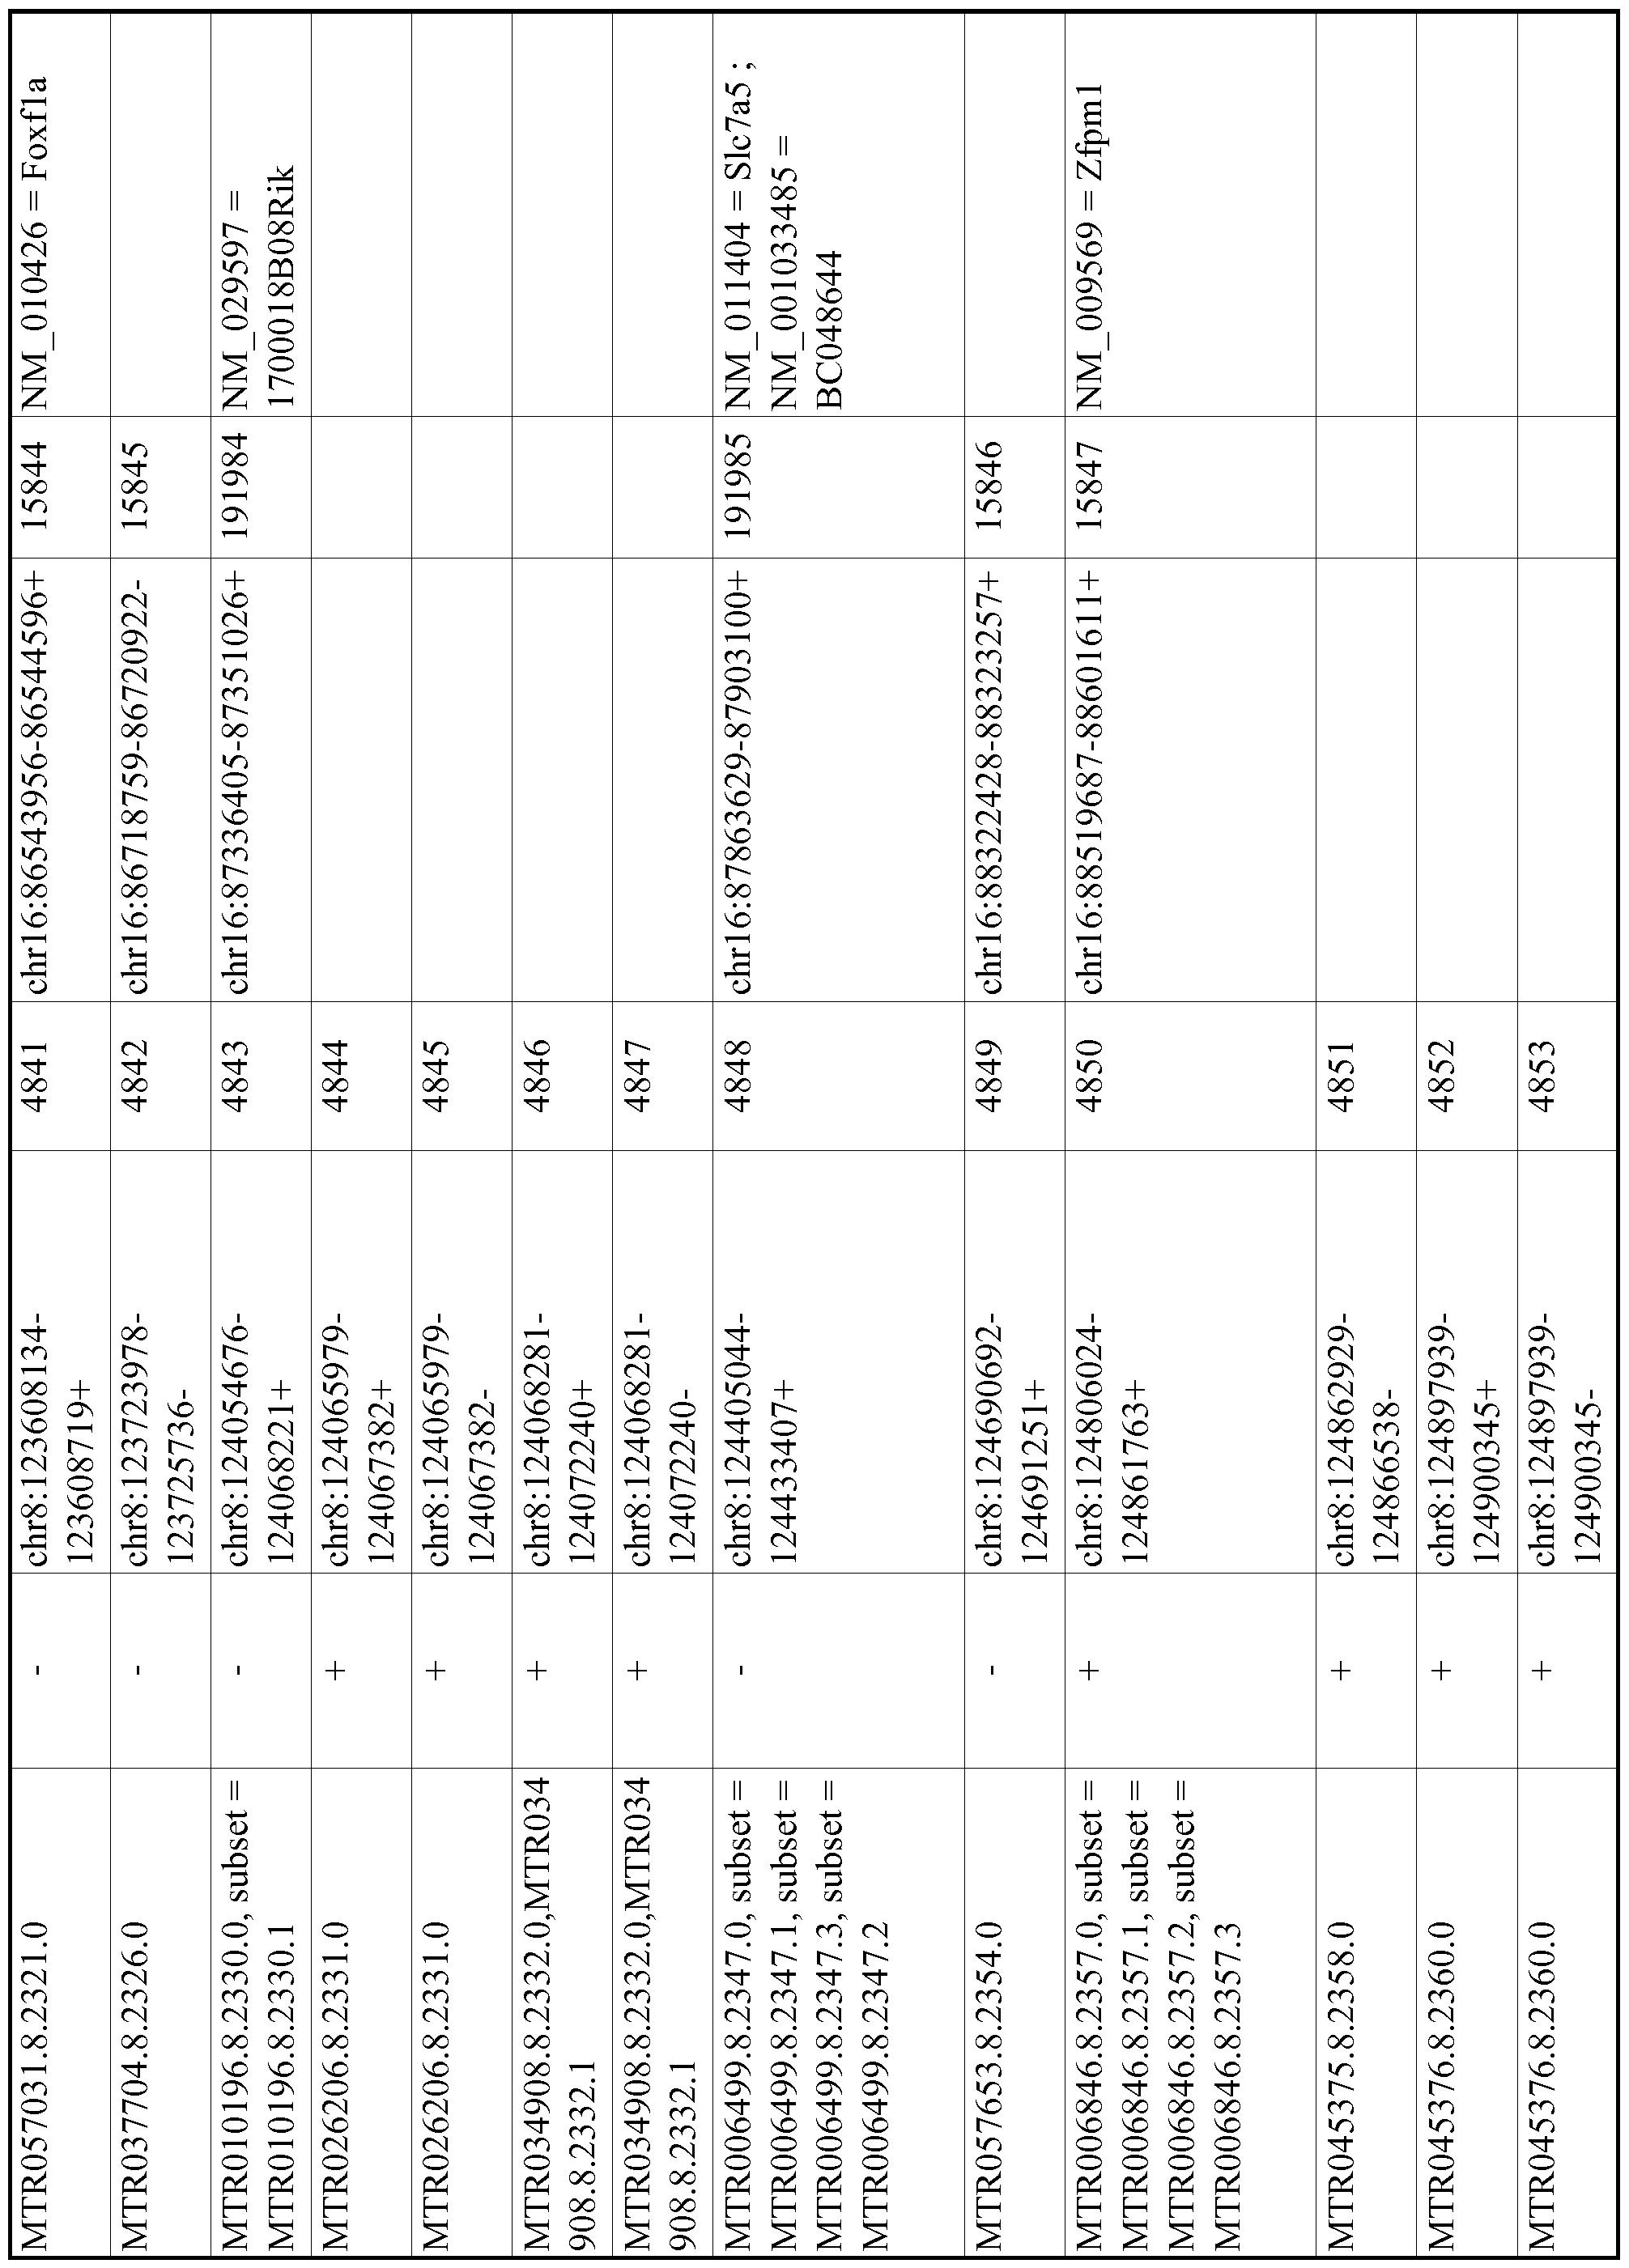 Figure imgf000896_0001